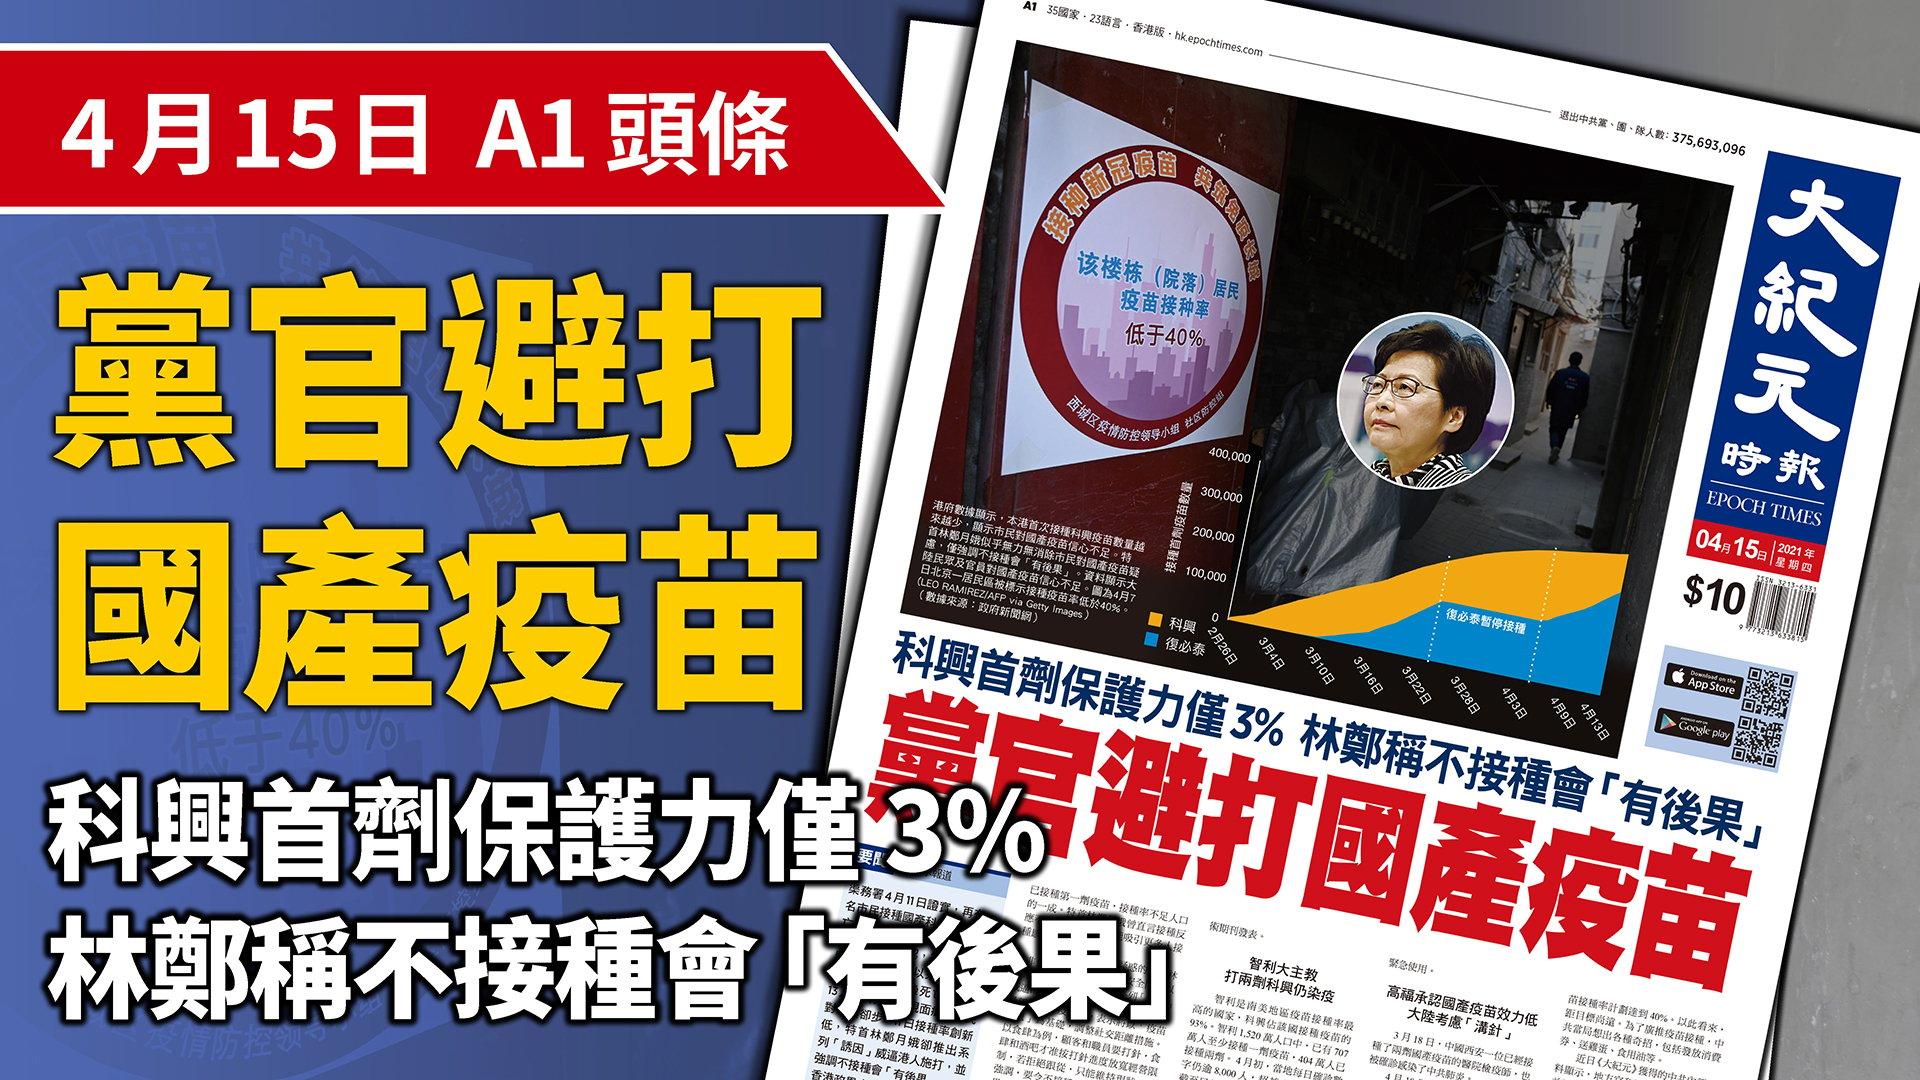 最新研究指科興首劑保護力僅3%,中共官員避打國產疫苗,但在香港,特首林鄭聲稱若市民不接種,會「有後果」。(大紀元製圖)